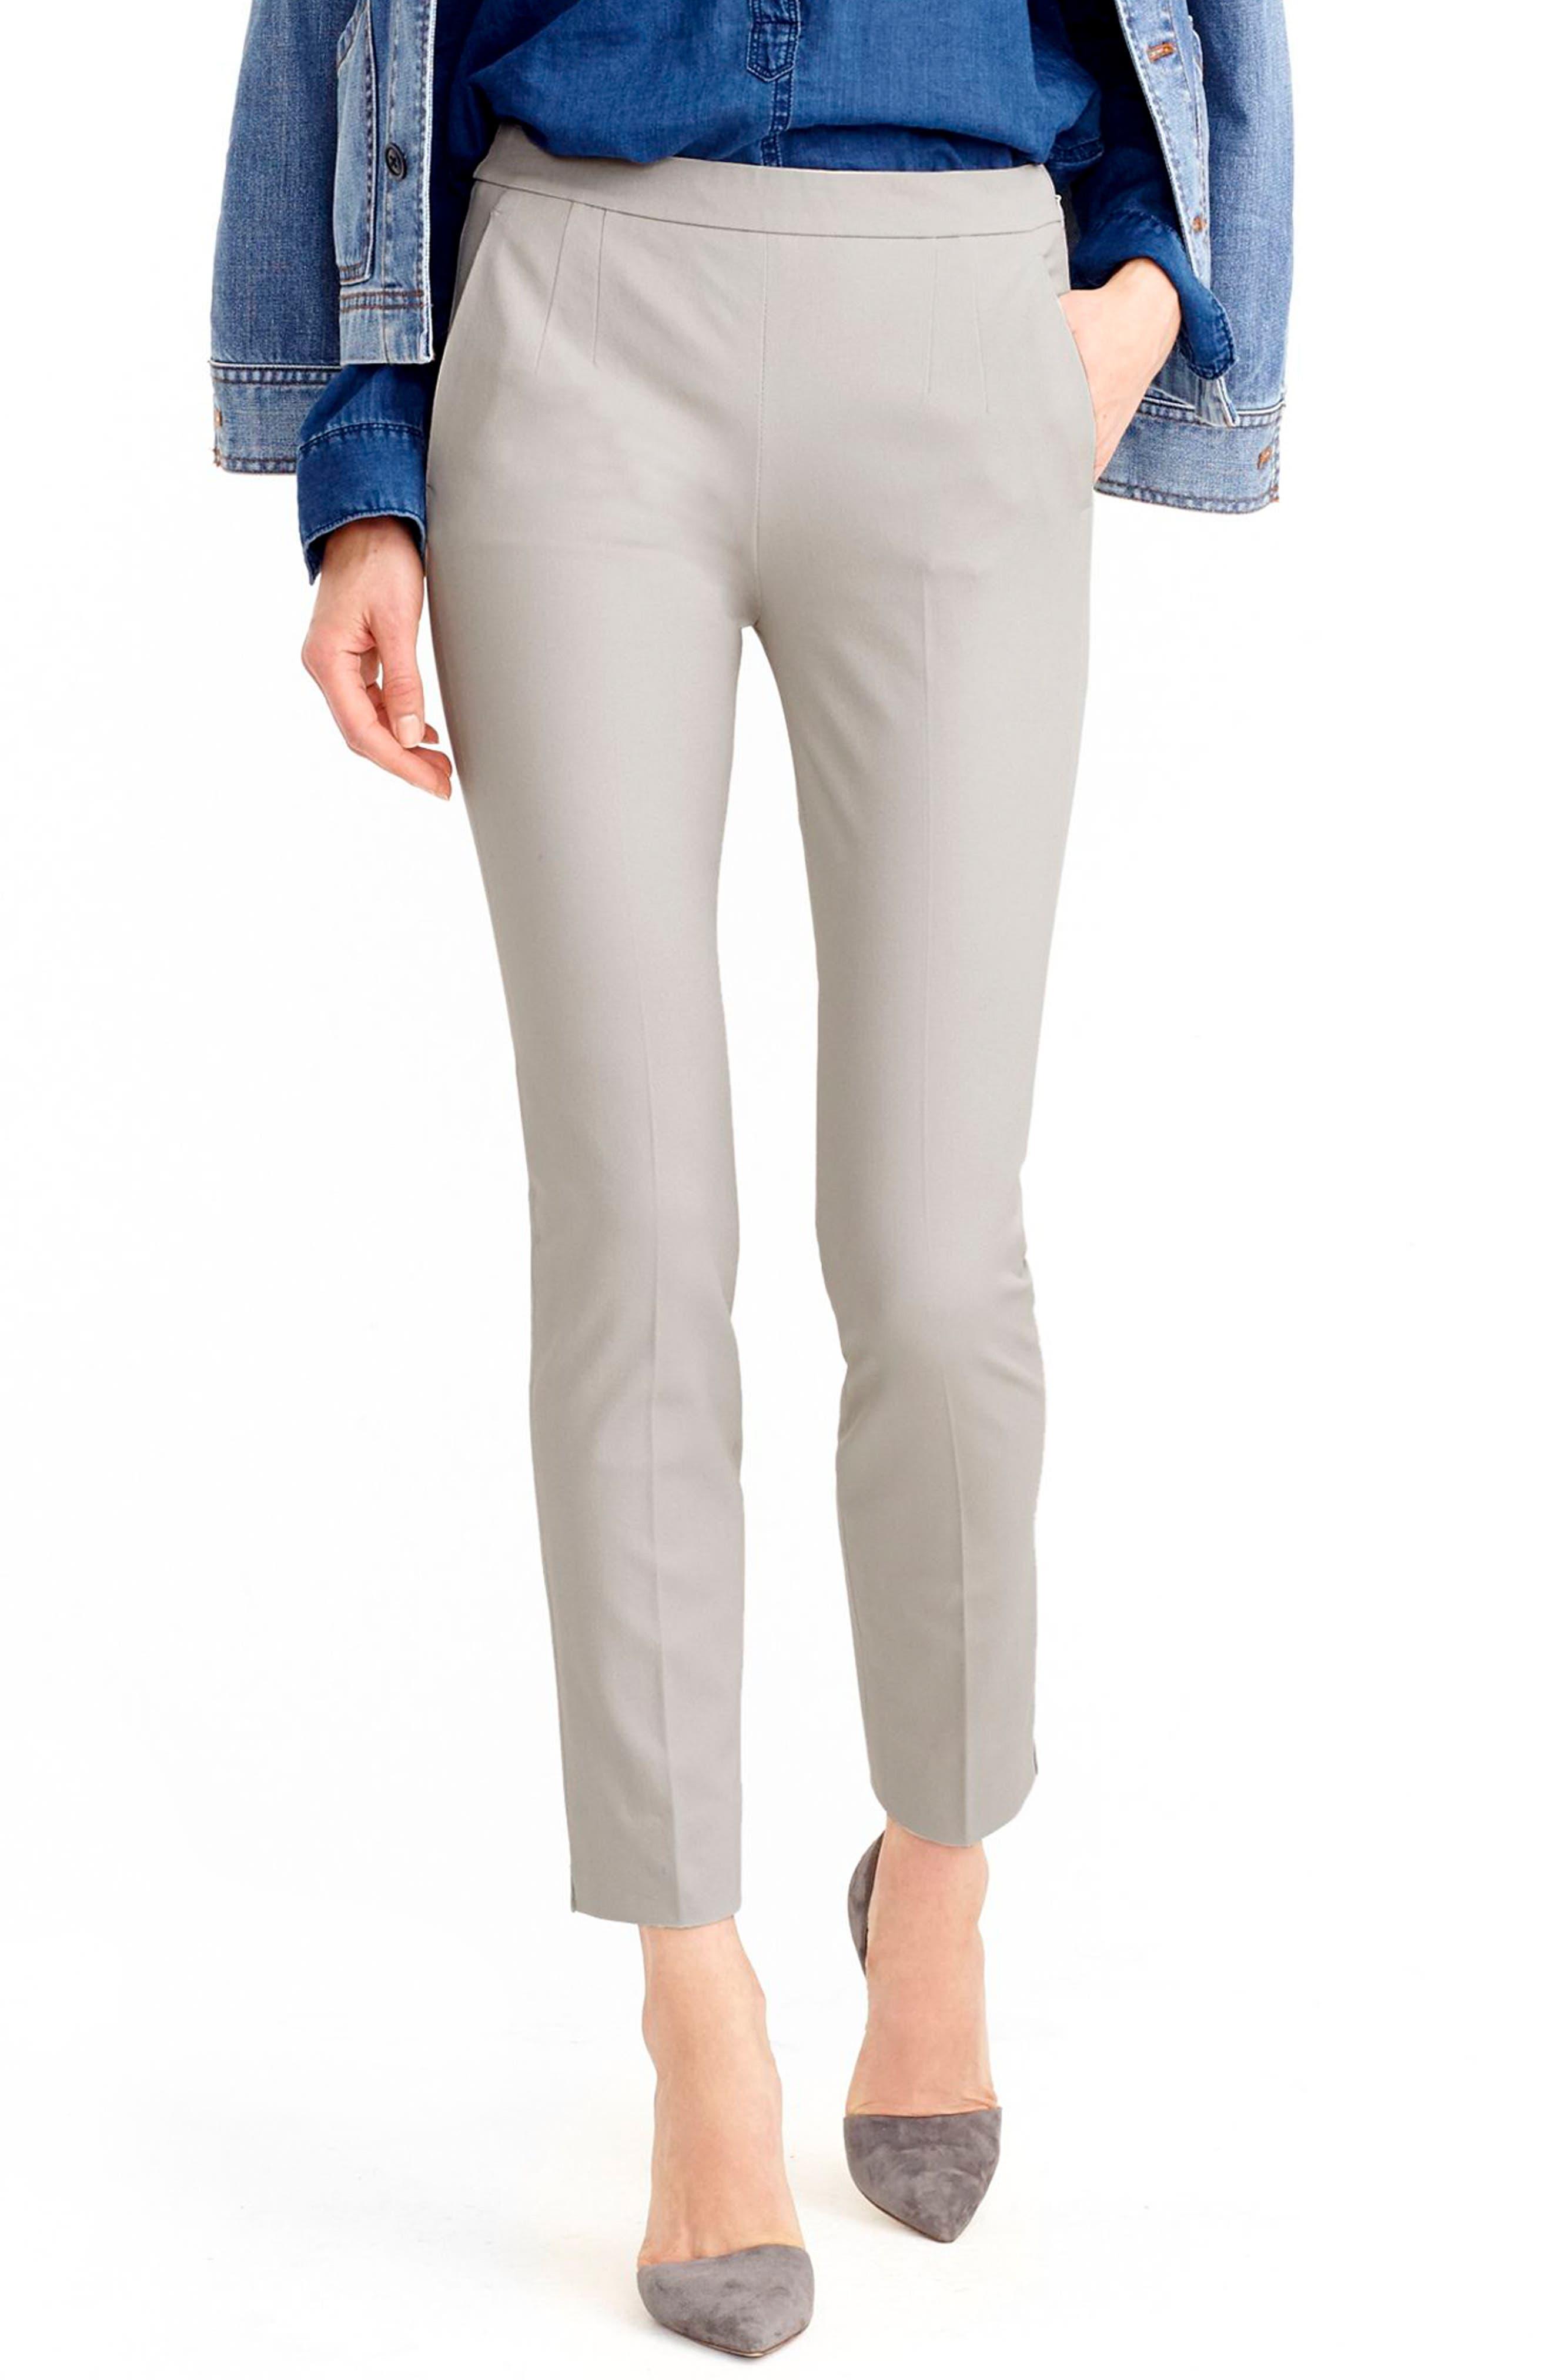 J.CREW,                             Martie Cotton Blend Pants,                             Main thumbnail 1, color,                             CLOUD GREY